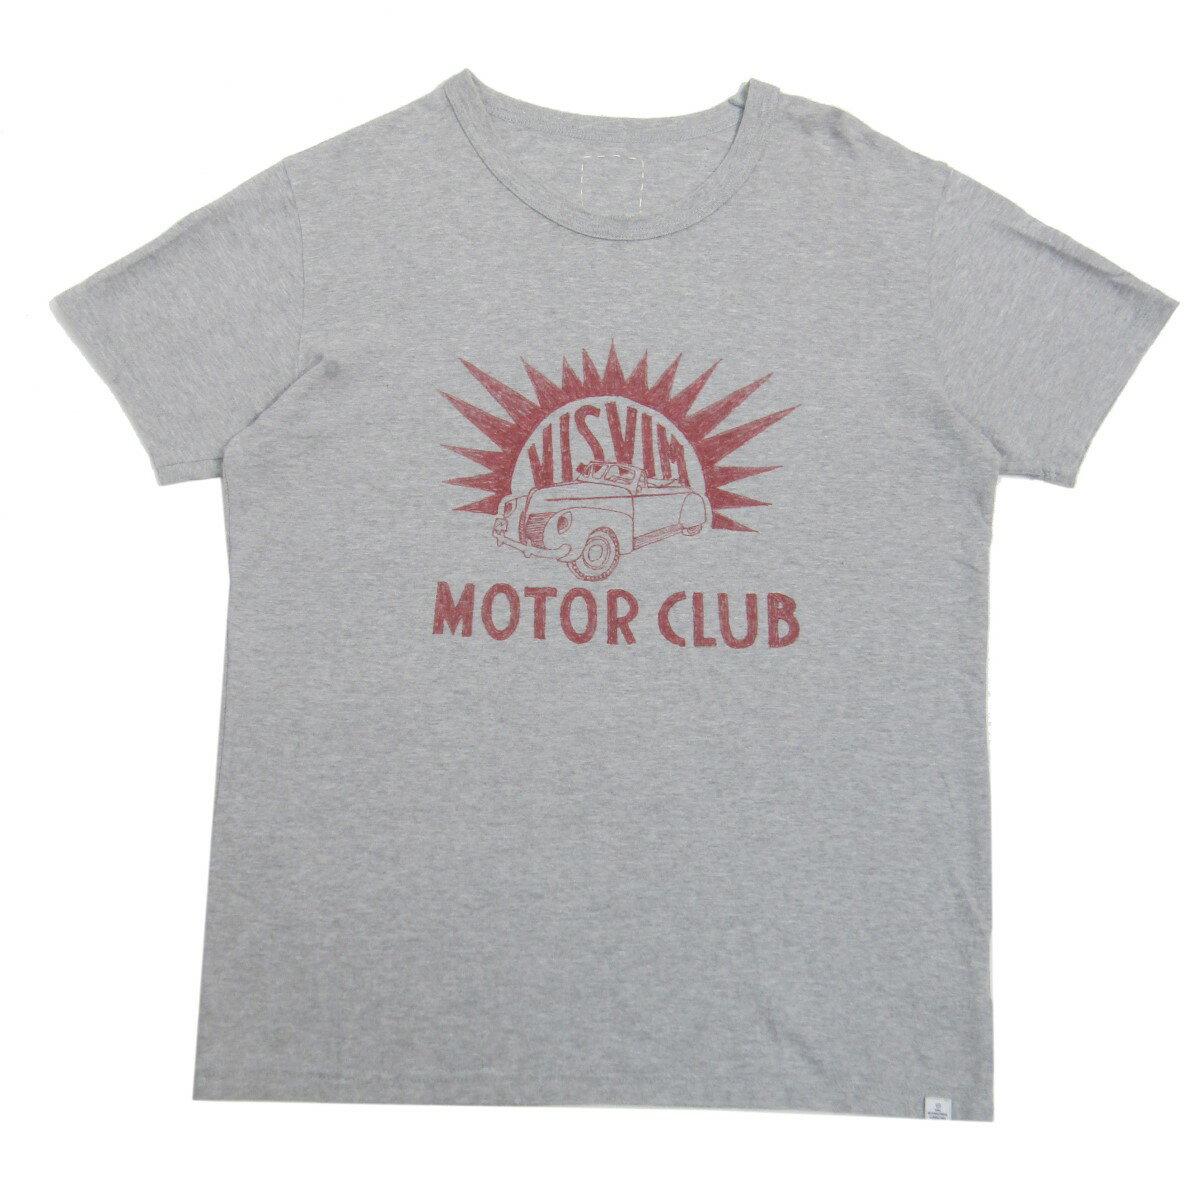 トップス, Tシャツ・カットソー VISVIM 2017SS DRY VINTAGE CREW SS MOTOR CLUB TEE T 2 160721